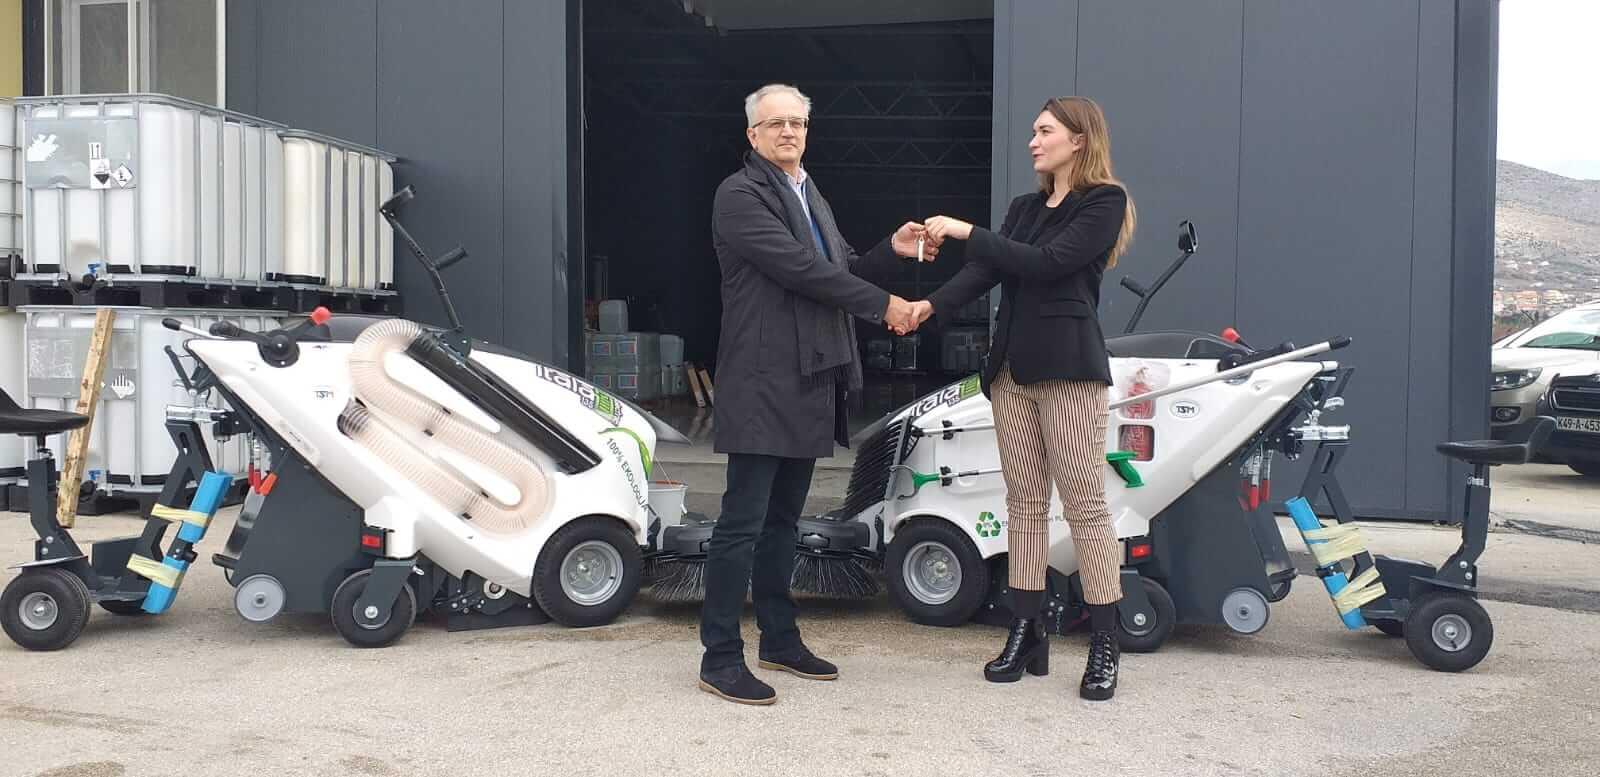 Uspješnu 2019-tu godinu priveli smo kraju isporukom dviju električnih čistilica TSM ITALA 135 BT našem partneru u gradu Mostaru. Velika prednost korištenja električnih čistilica u gradu je podizanje razine održavanja javne higijene u kojem je turizam sve izraženija grana razvoja tog područja. Ovakvim ulaganjem u mehanizaciju stvara se imidž grada koji brine o zaštiti okoliša i pametno investira u nove tehnologije. Čestitamo i želimo puno uspješnih radnih sati!